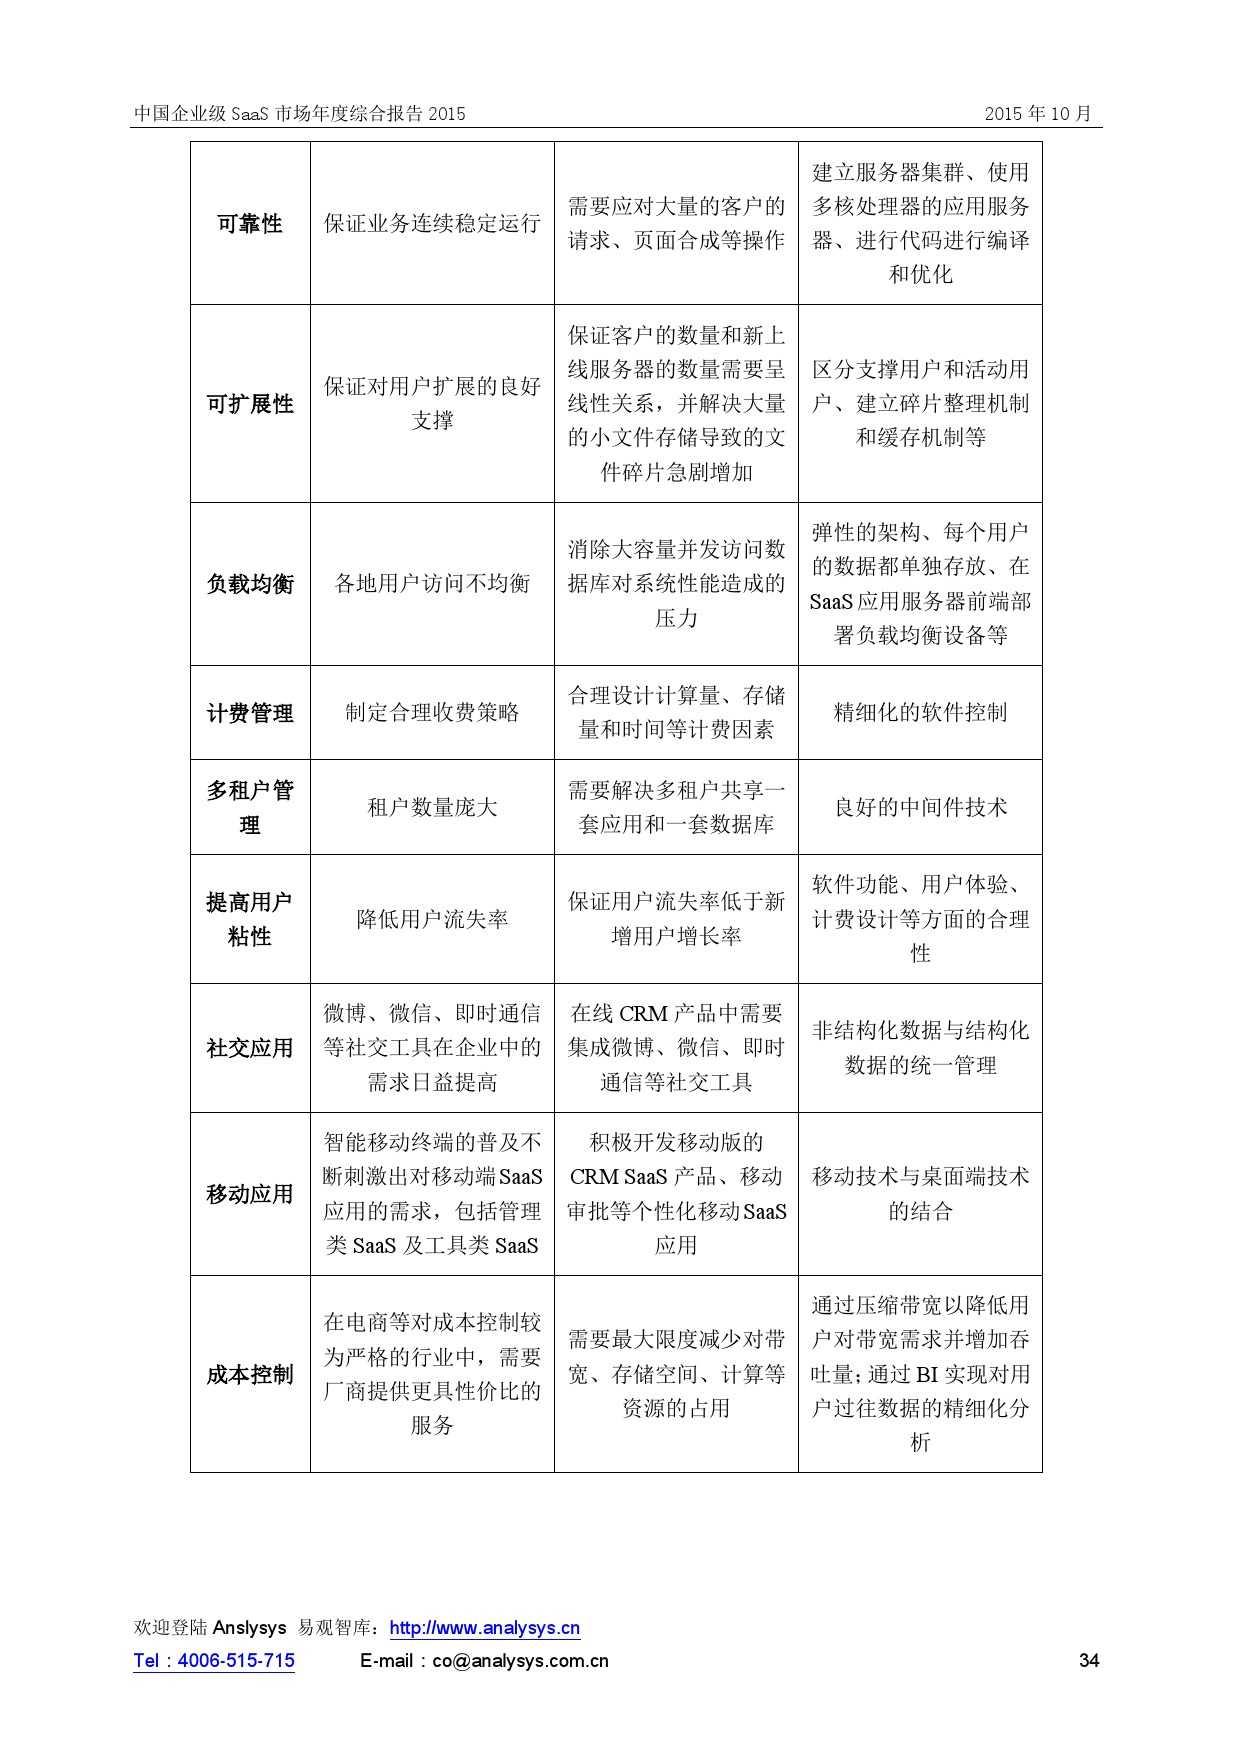 中国企业级SaaS市场年度综合报告2015 01_000034